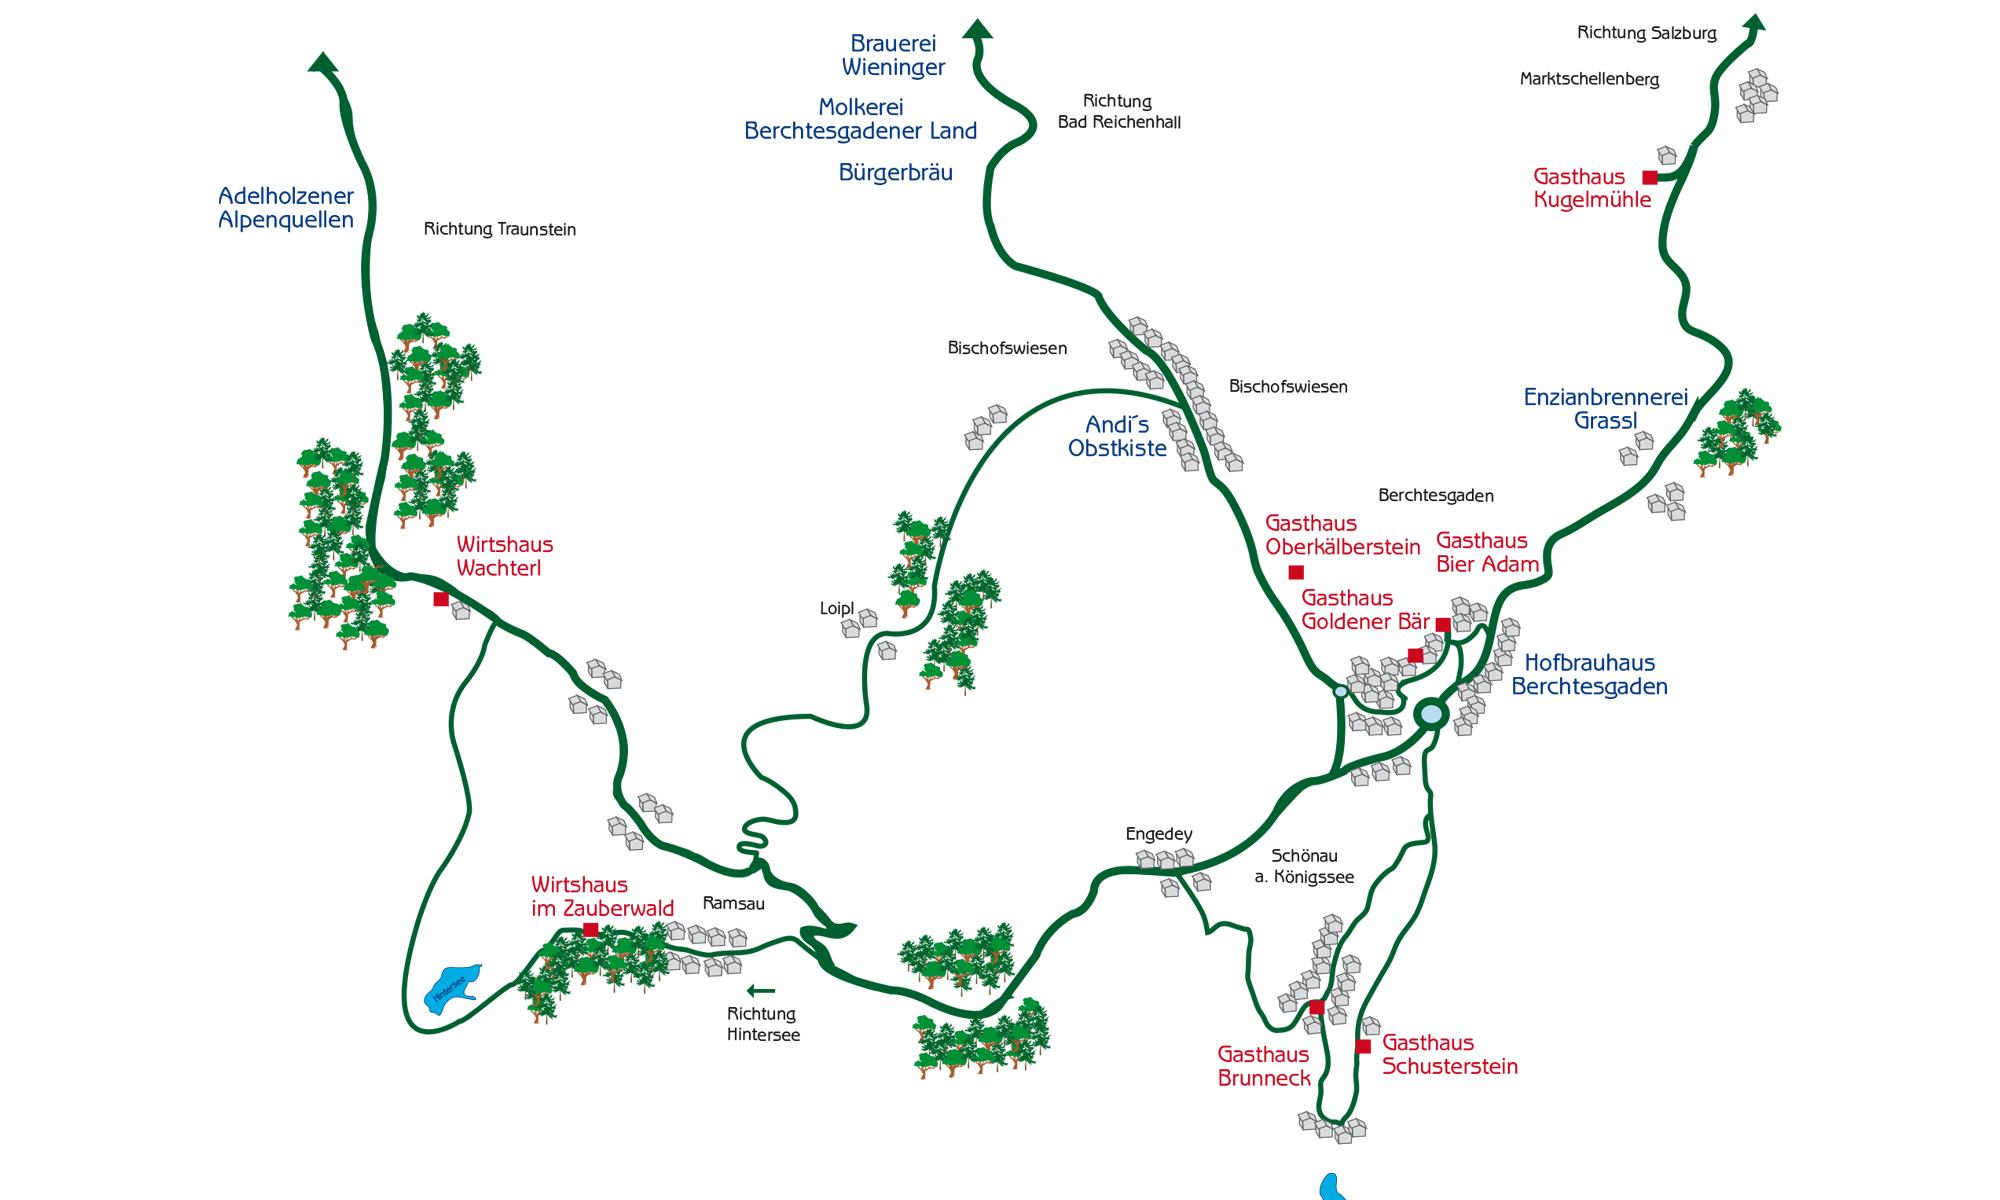 Berchtesgadener Land Karte.Weiss Blaue Wirtshäuser In Berchtesgaden Bayerische Küchentradition